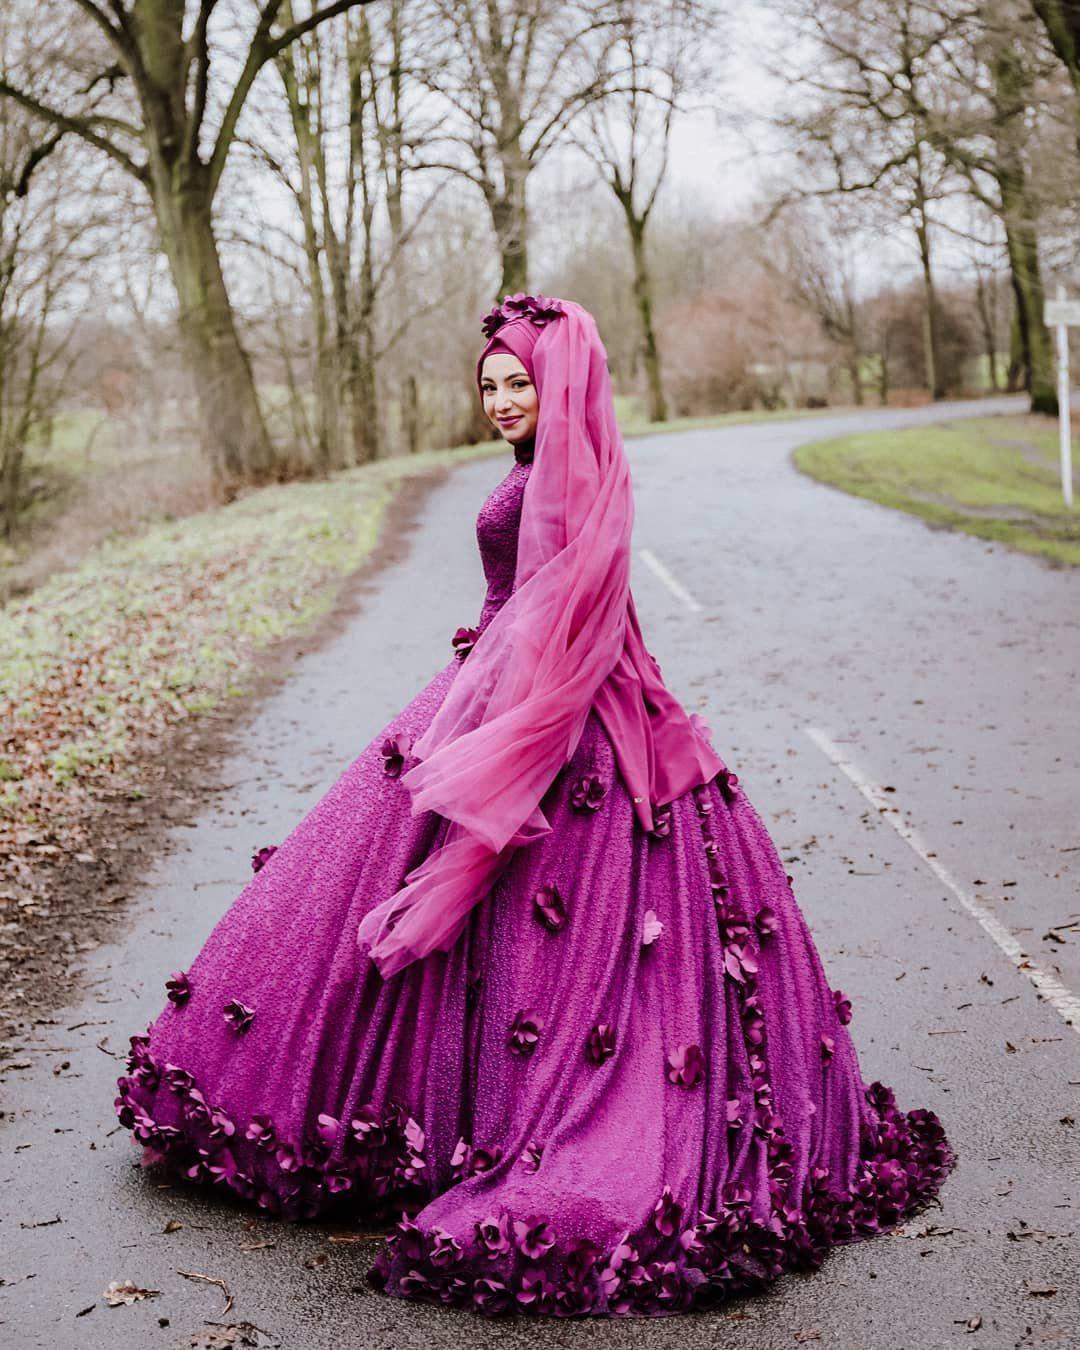 Großzügig Polterabend Outfits Bilder - Brautkleider Ideen ...